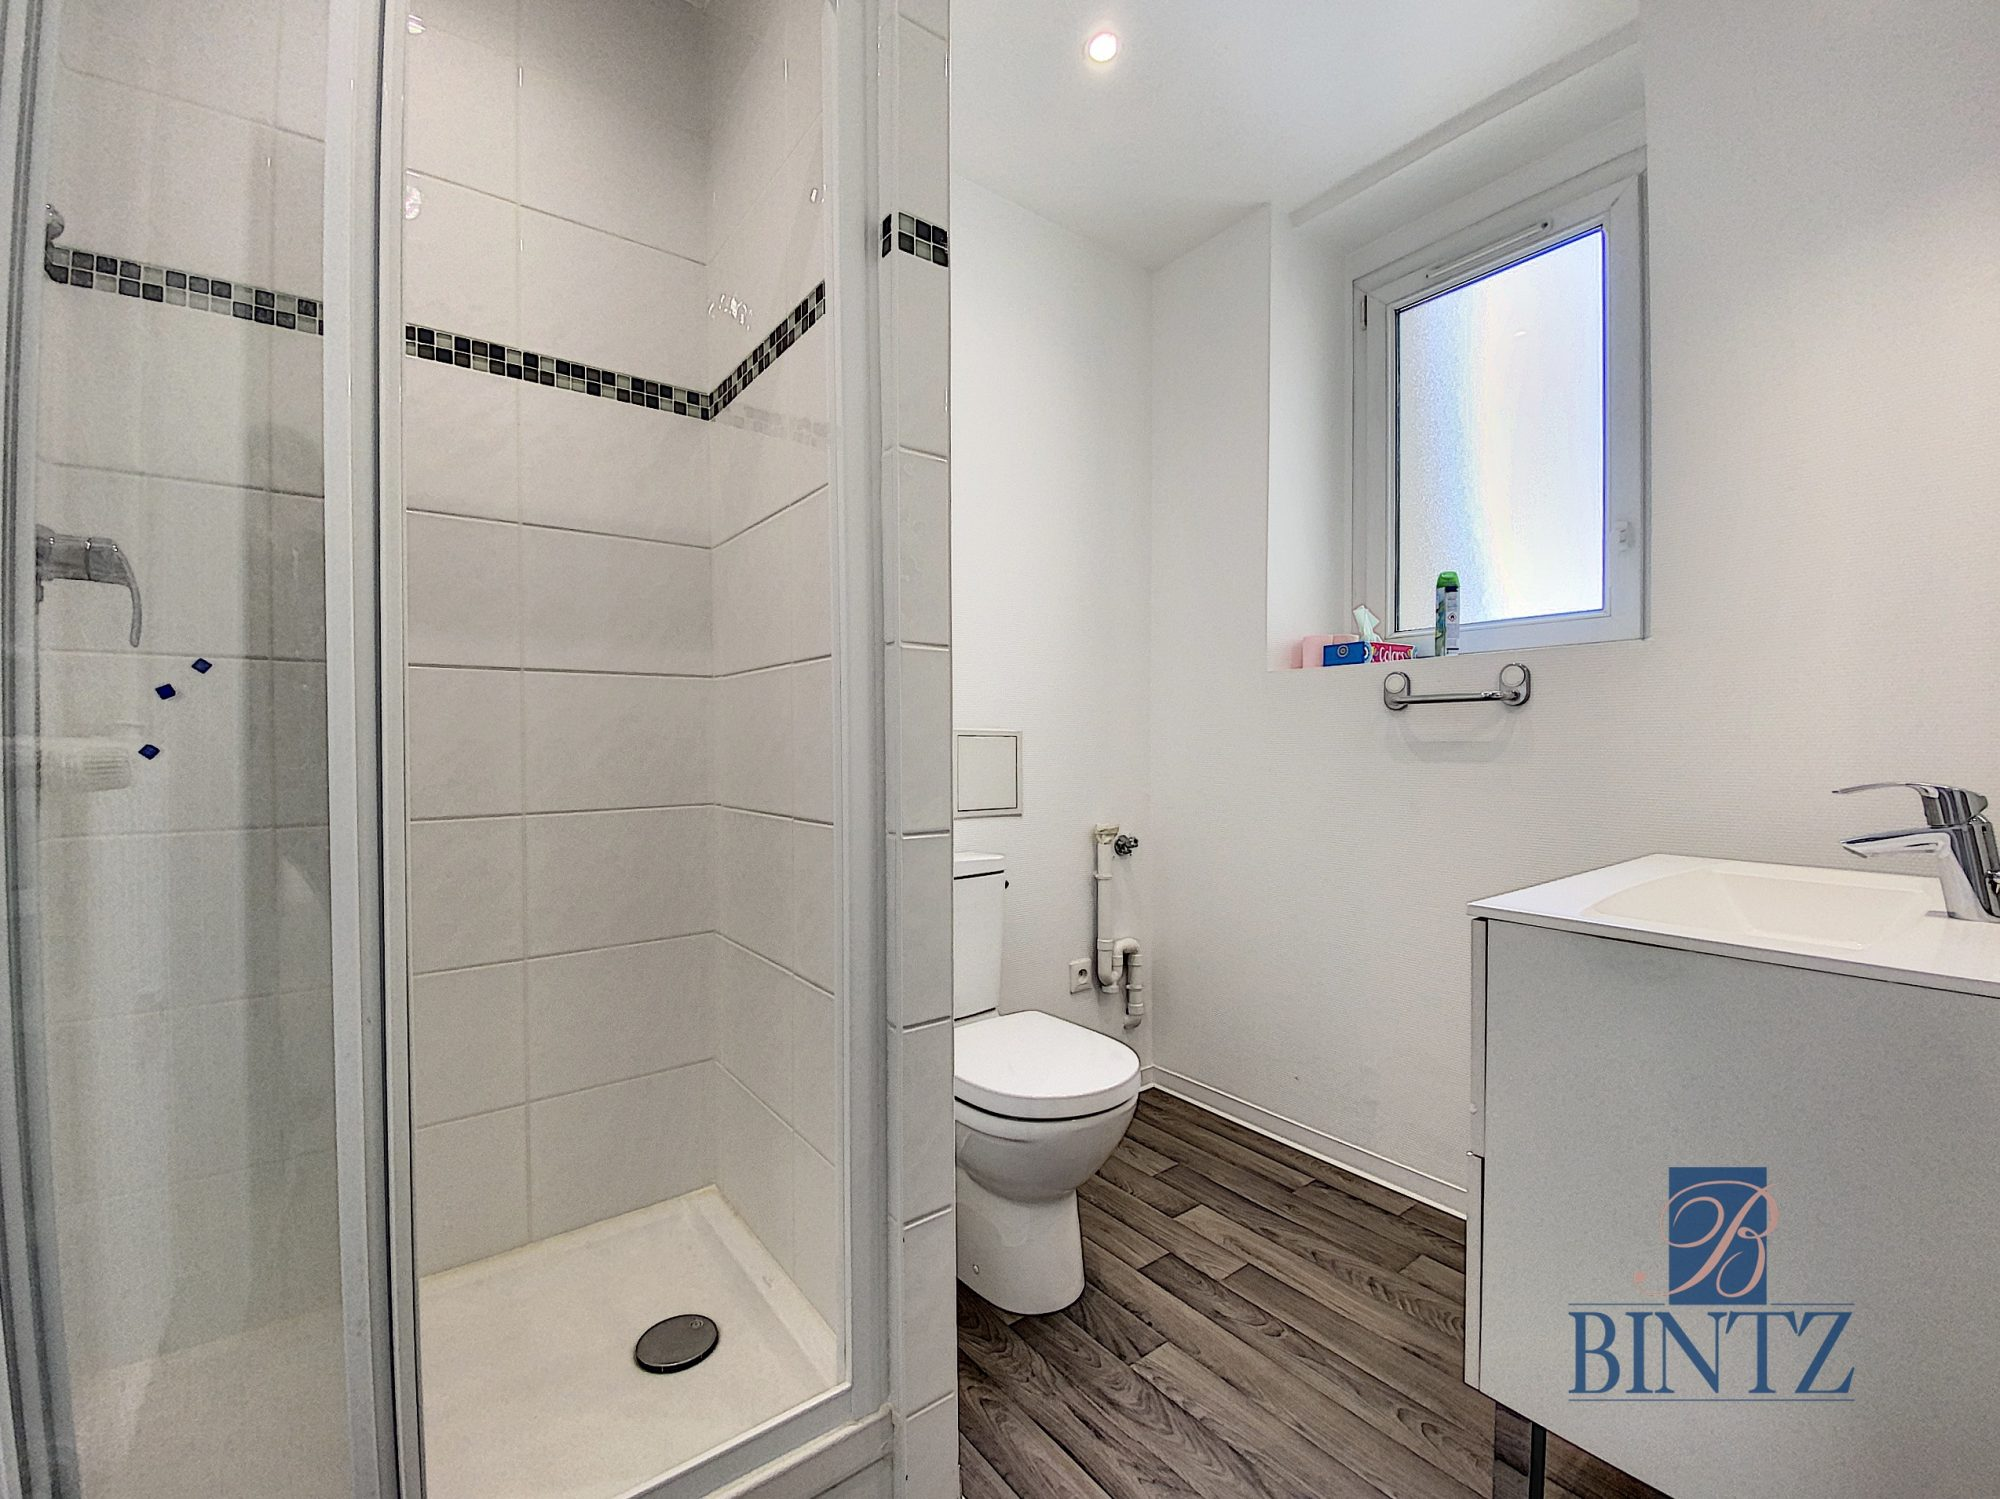 DEUX PIECES RENOVE ORANGERIE - Devenez locataire en toute sérénité - Bintz Immobilier - 3